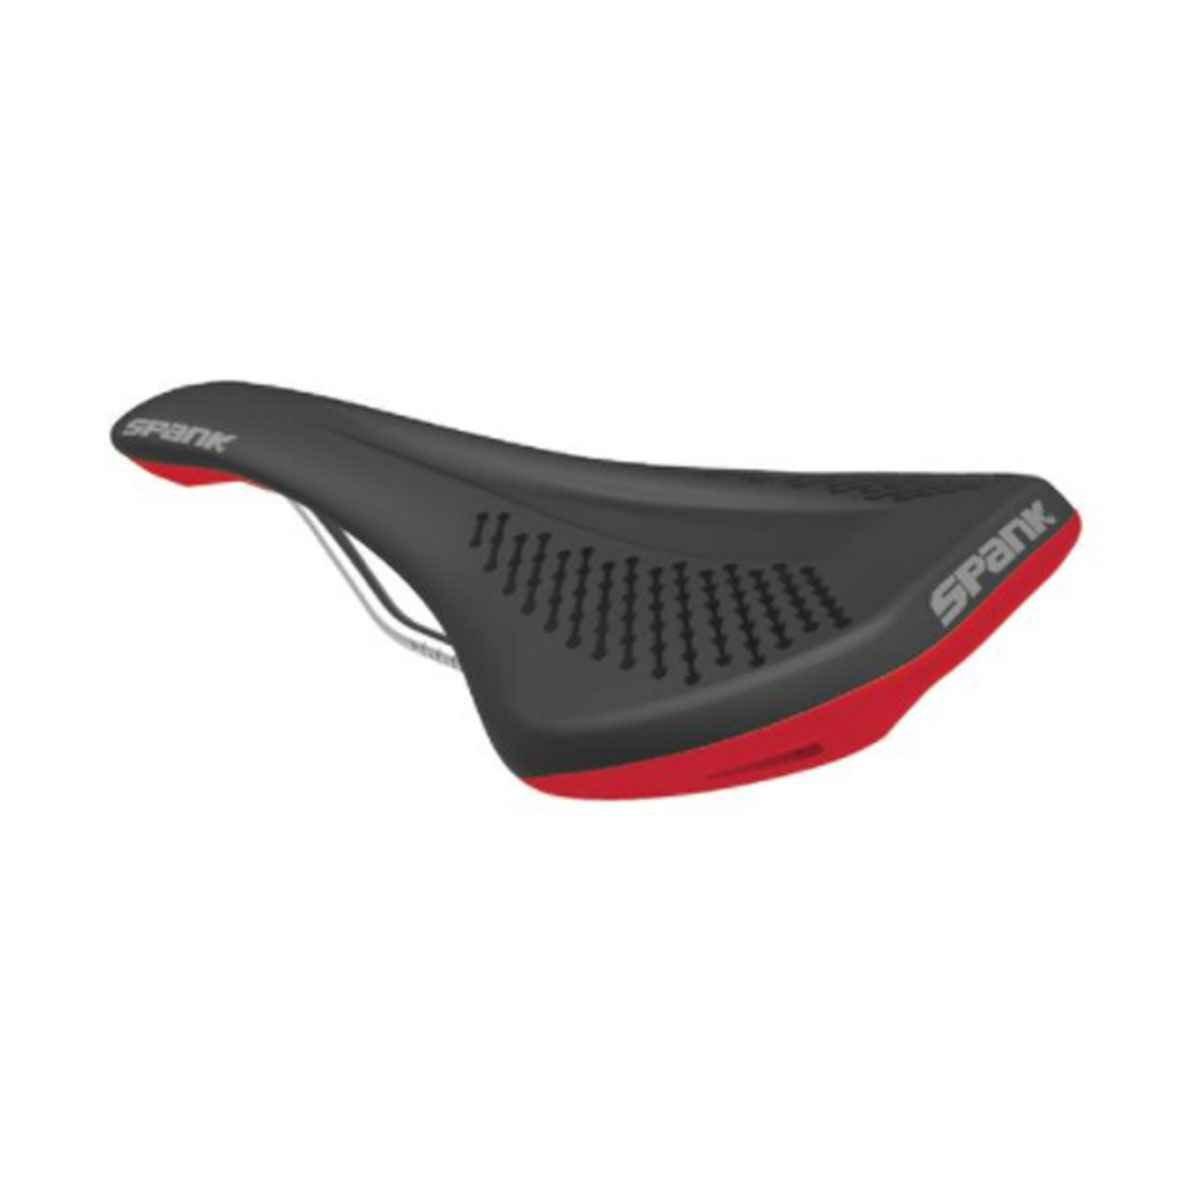 Spank Oozy Fahrradsattel unisex erwachsene, schwarz/rot